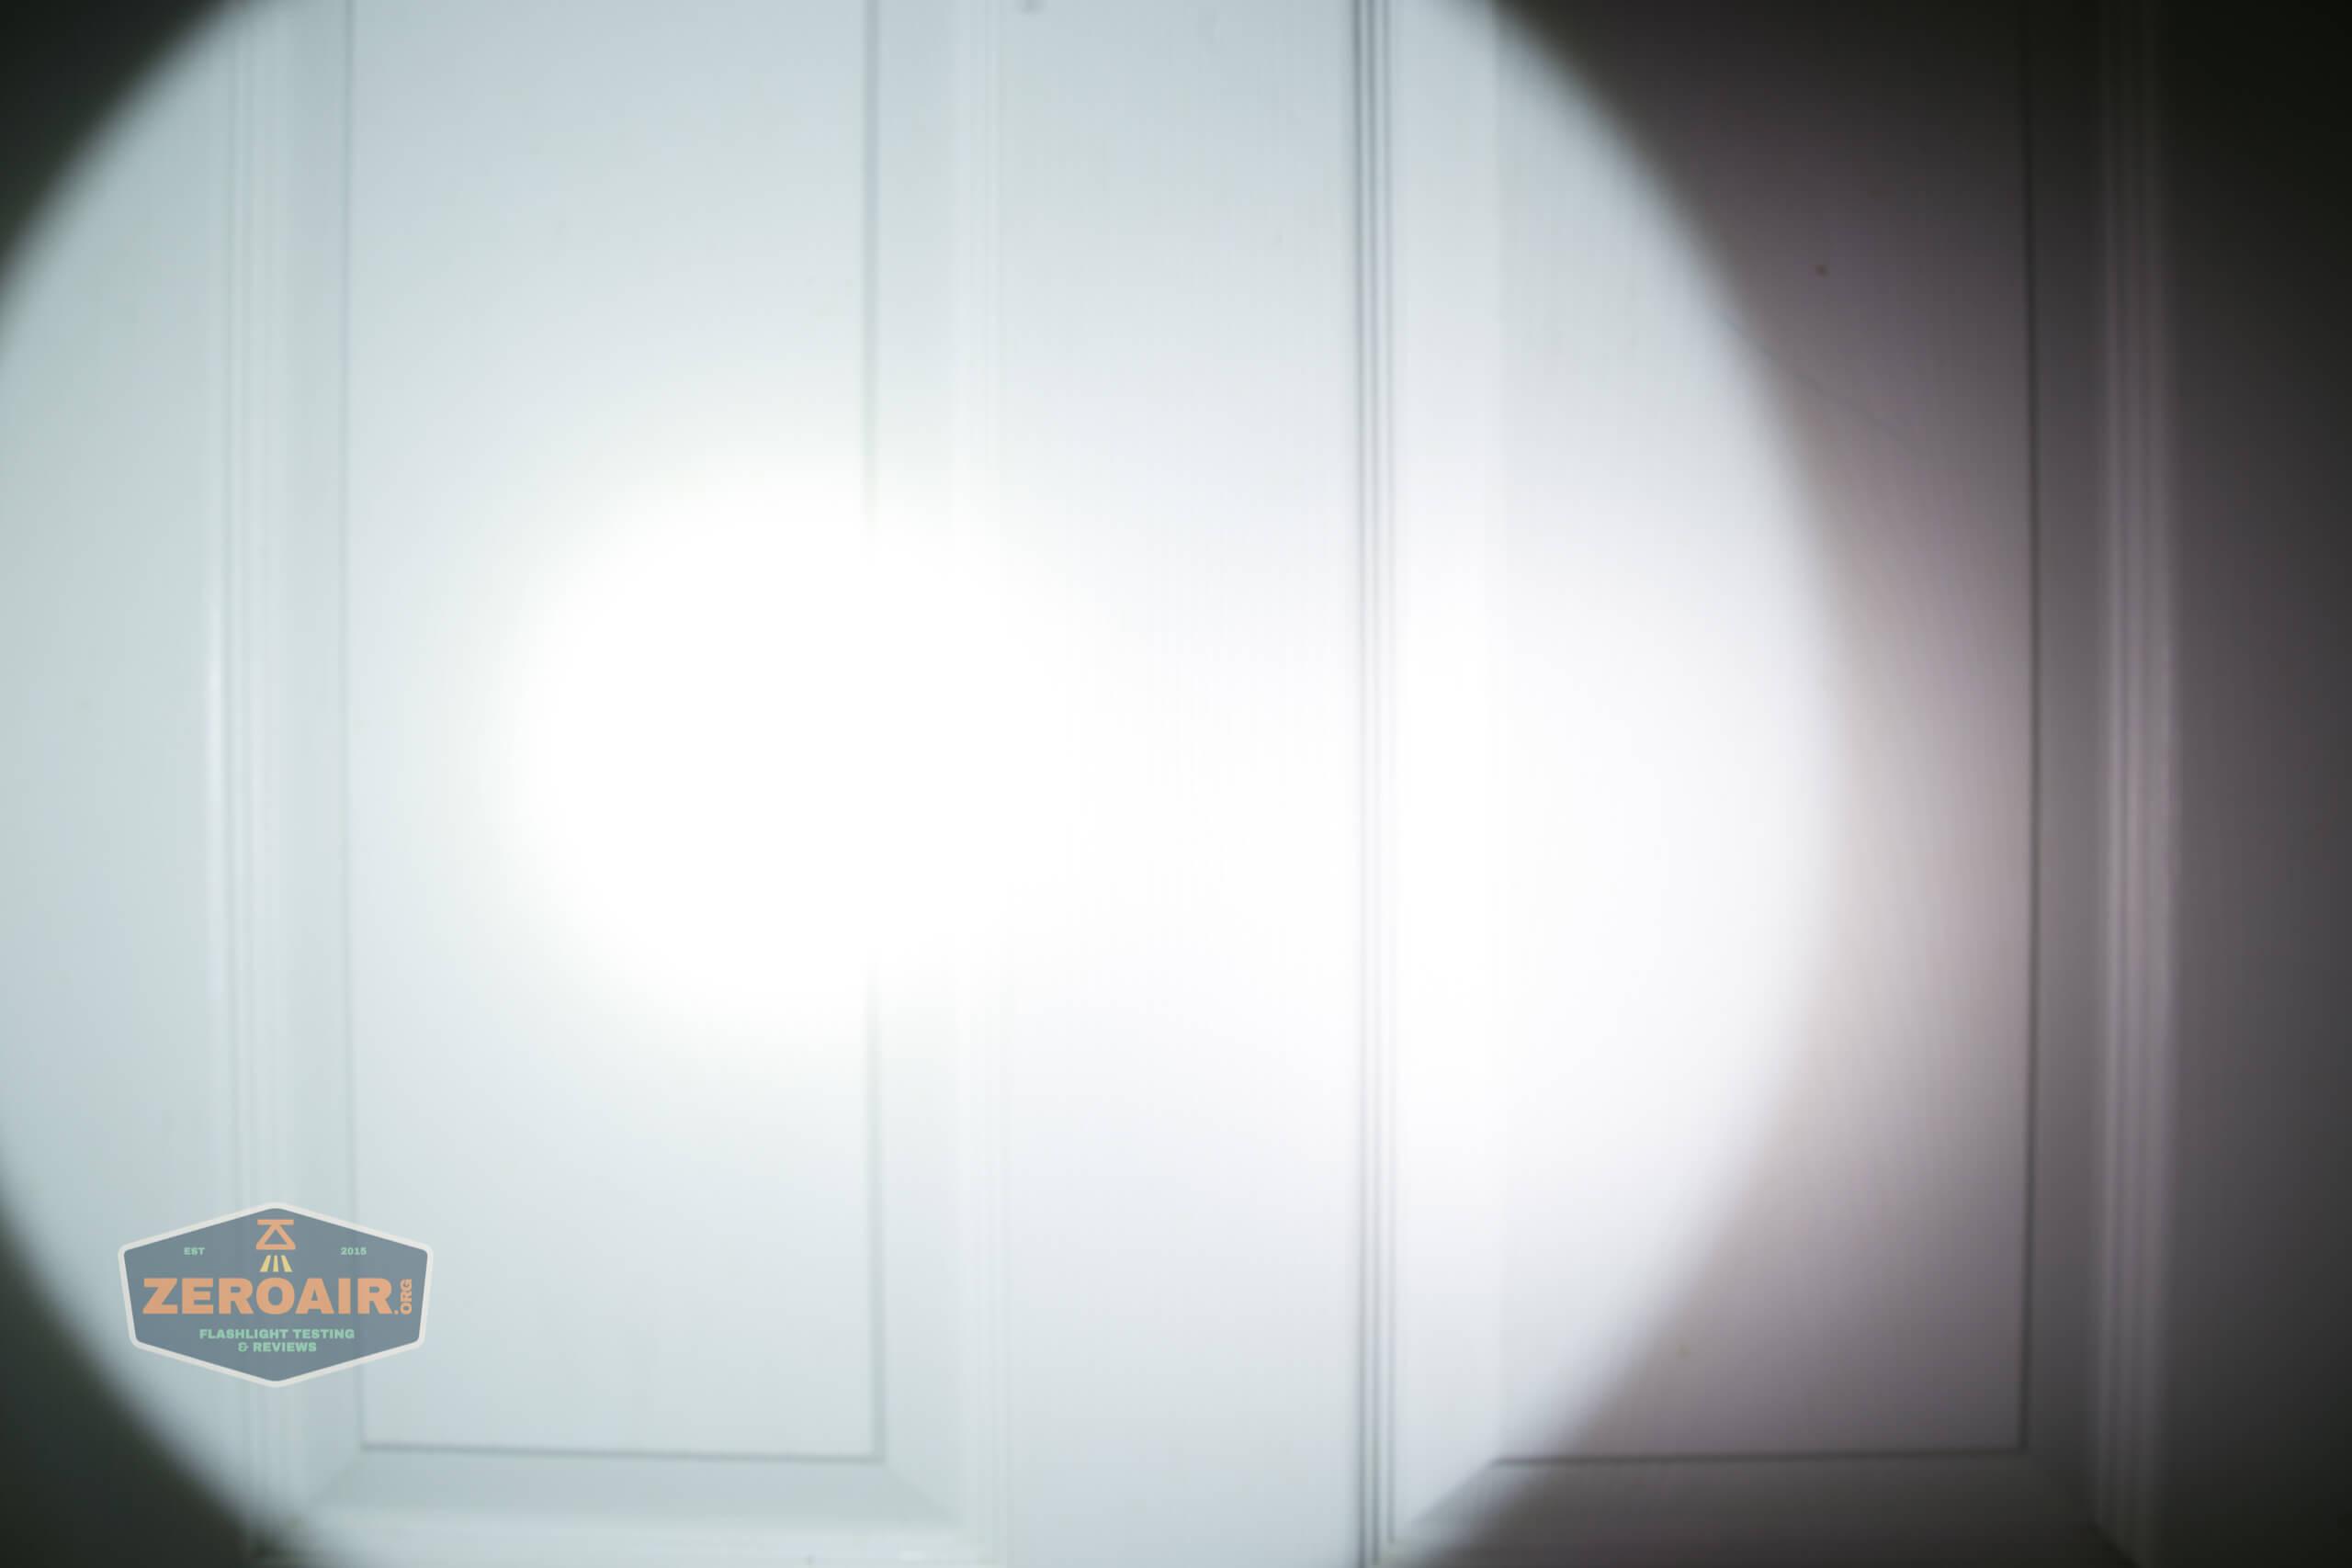 fenix lr40r beamshots door spot 3